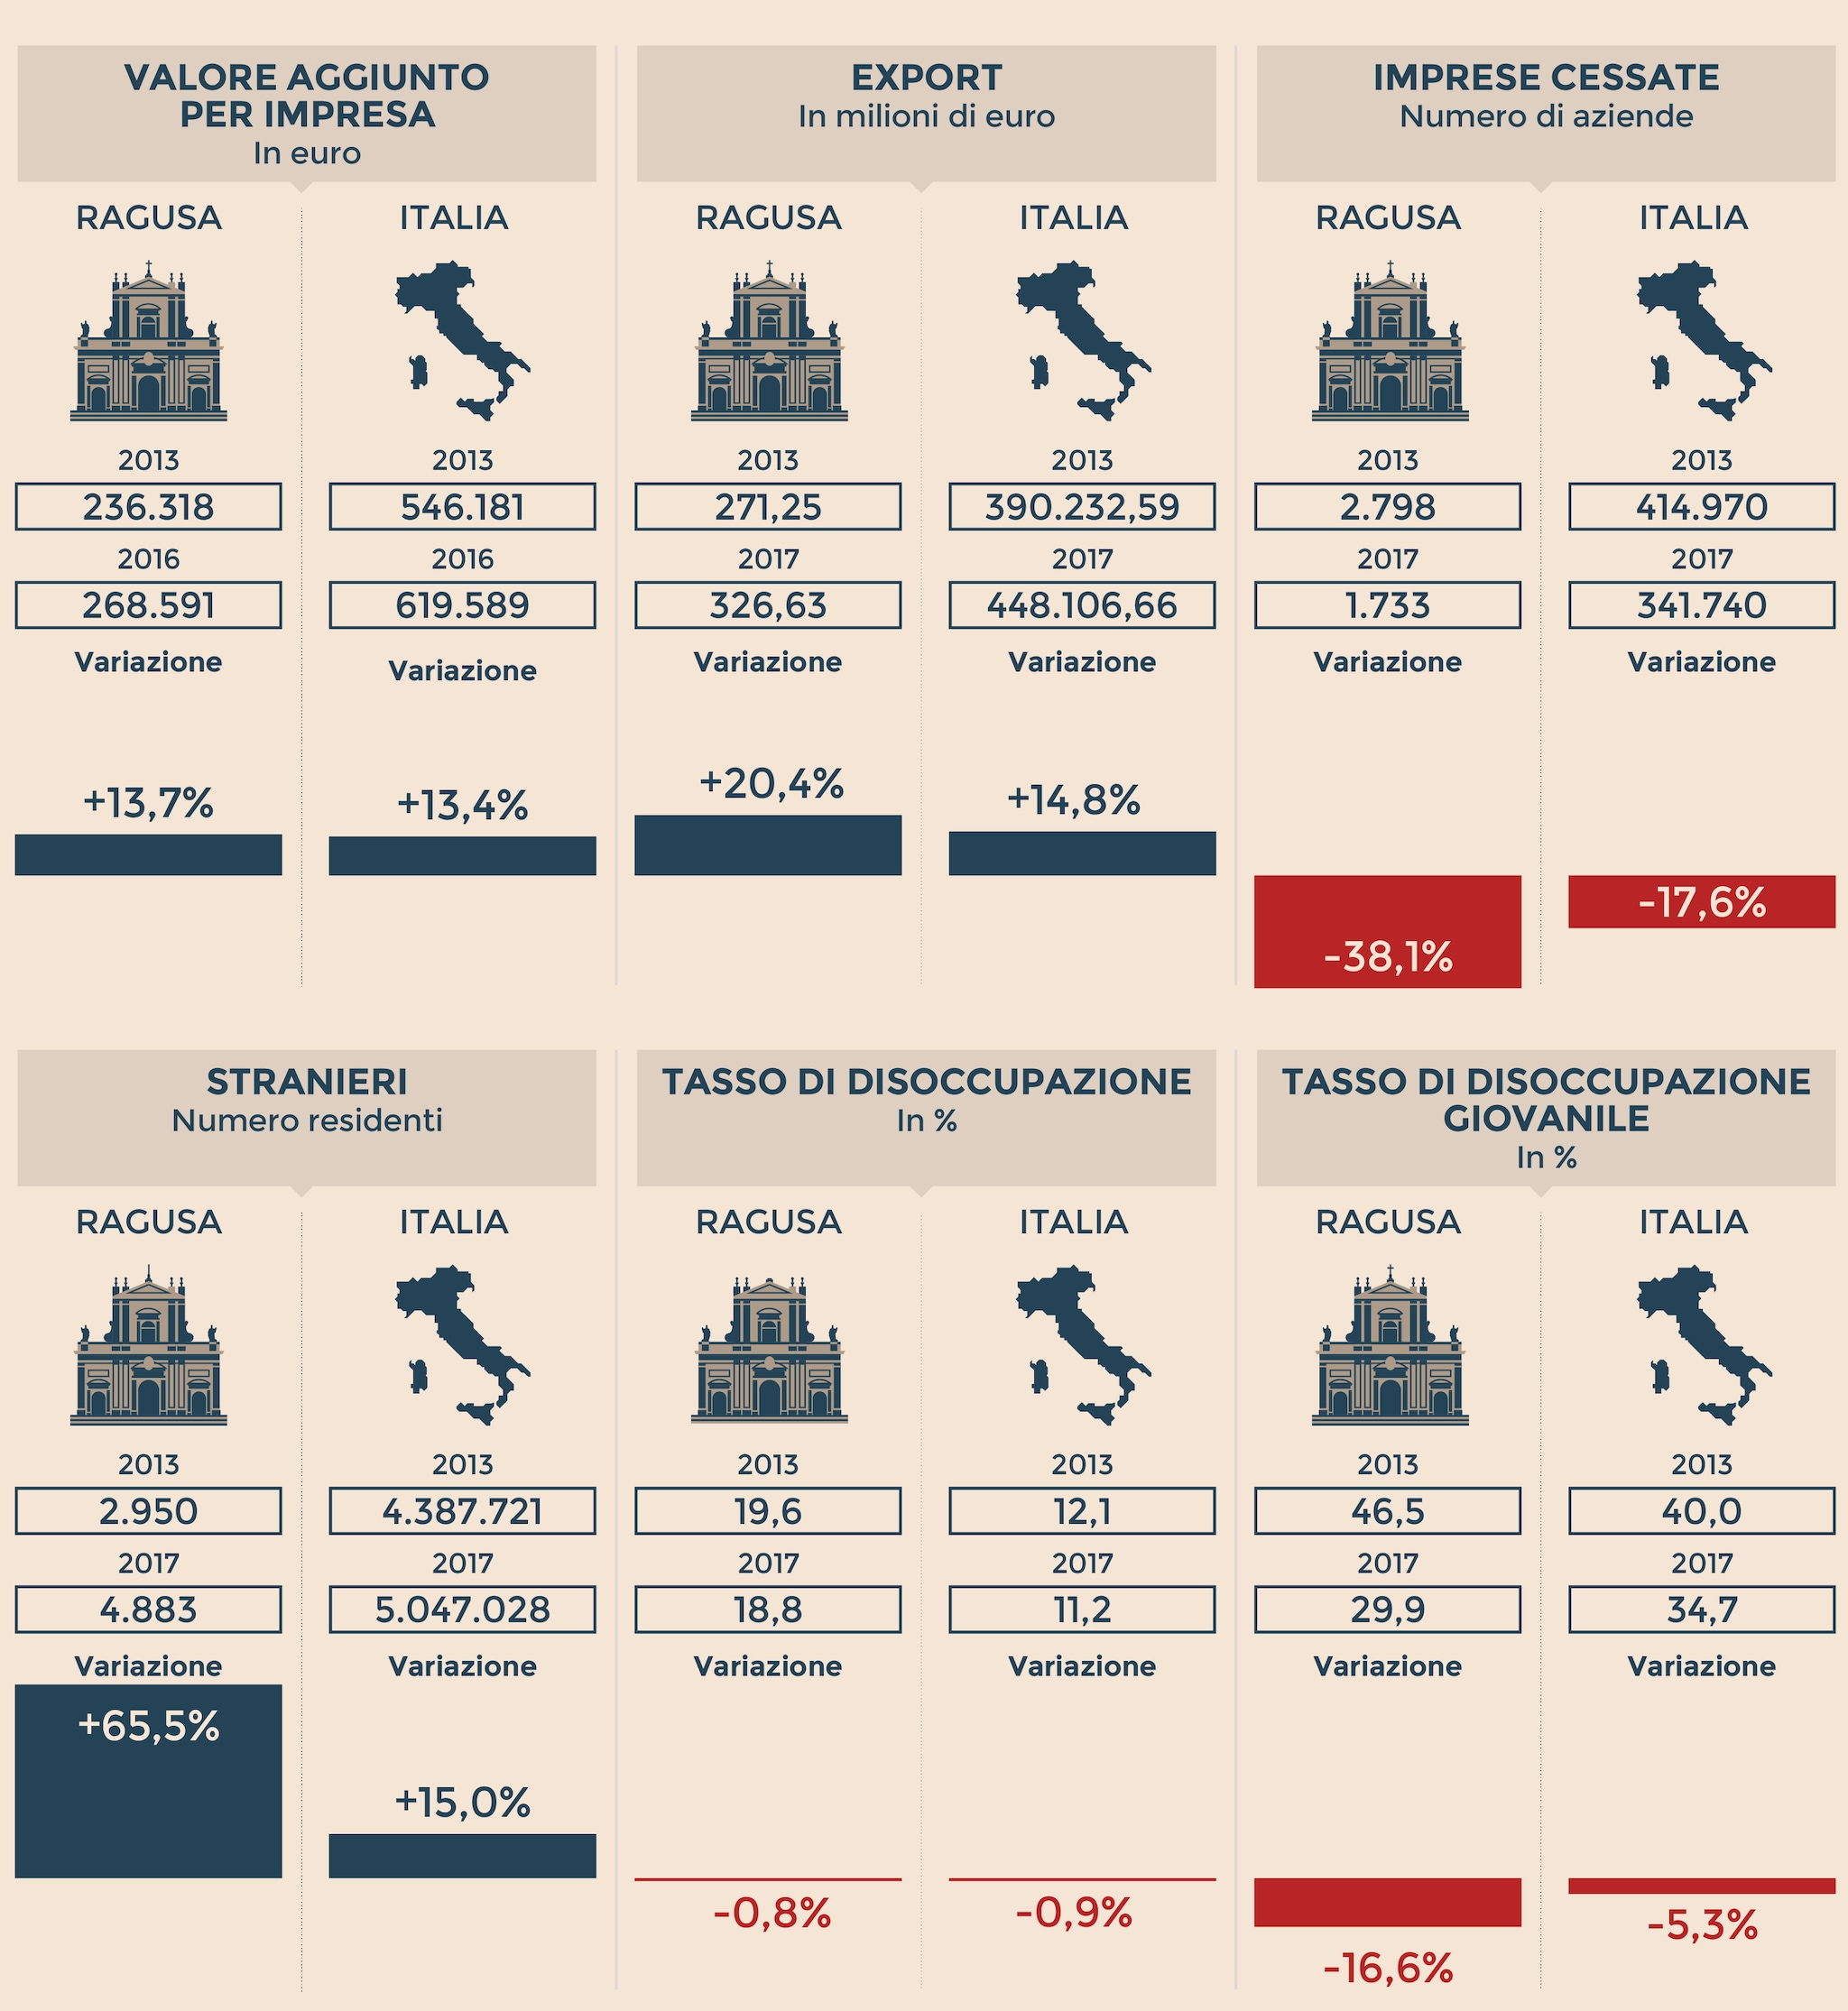 L'IDENTIKIT ECONOMICO DI RAGUSA